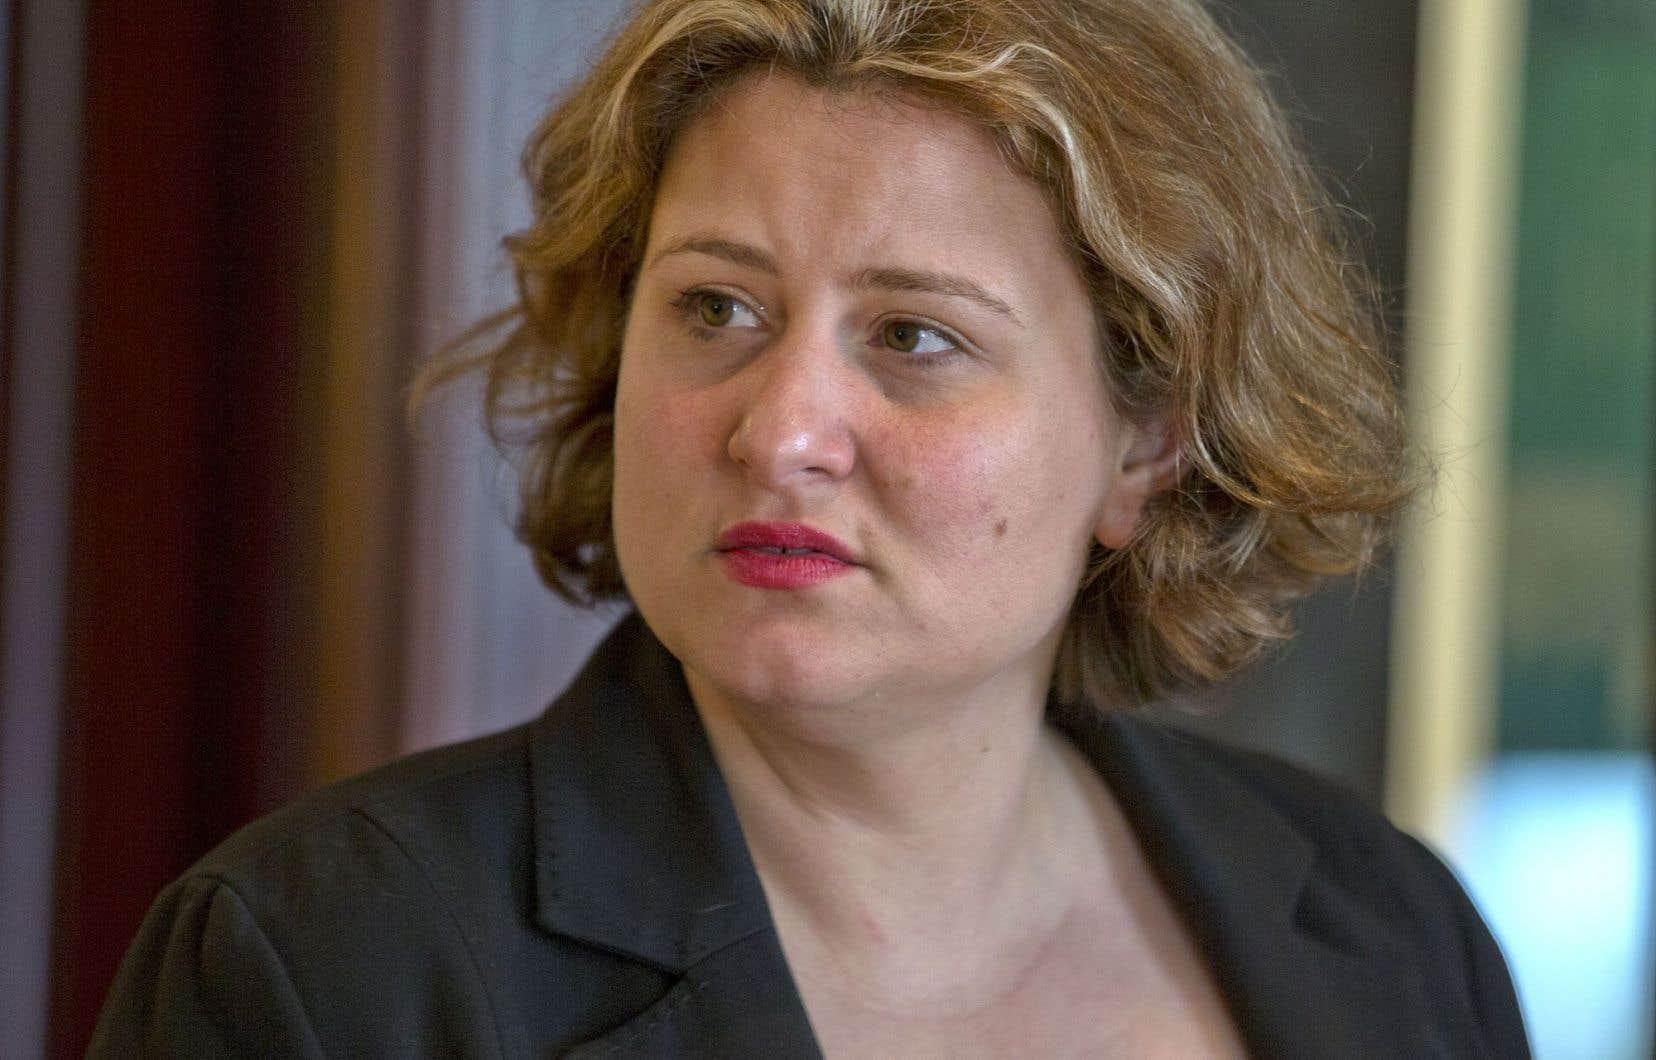 La présidente de la CSDM, Catherine Harel Bourdon, affirme ne pas pouvoir commenter les cas individuels puisqu'il s'agit de dossiers confidentiels.